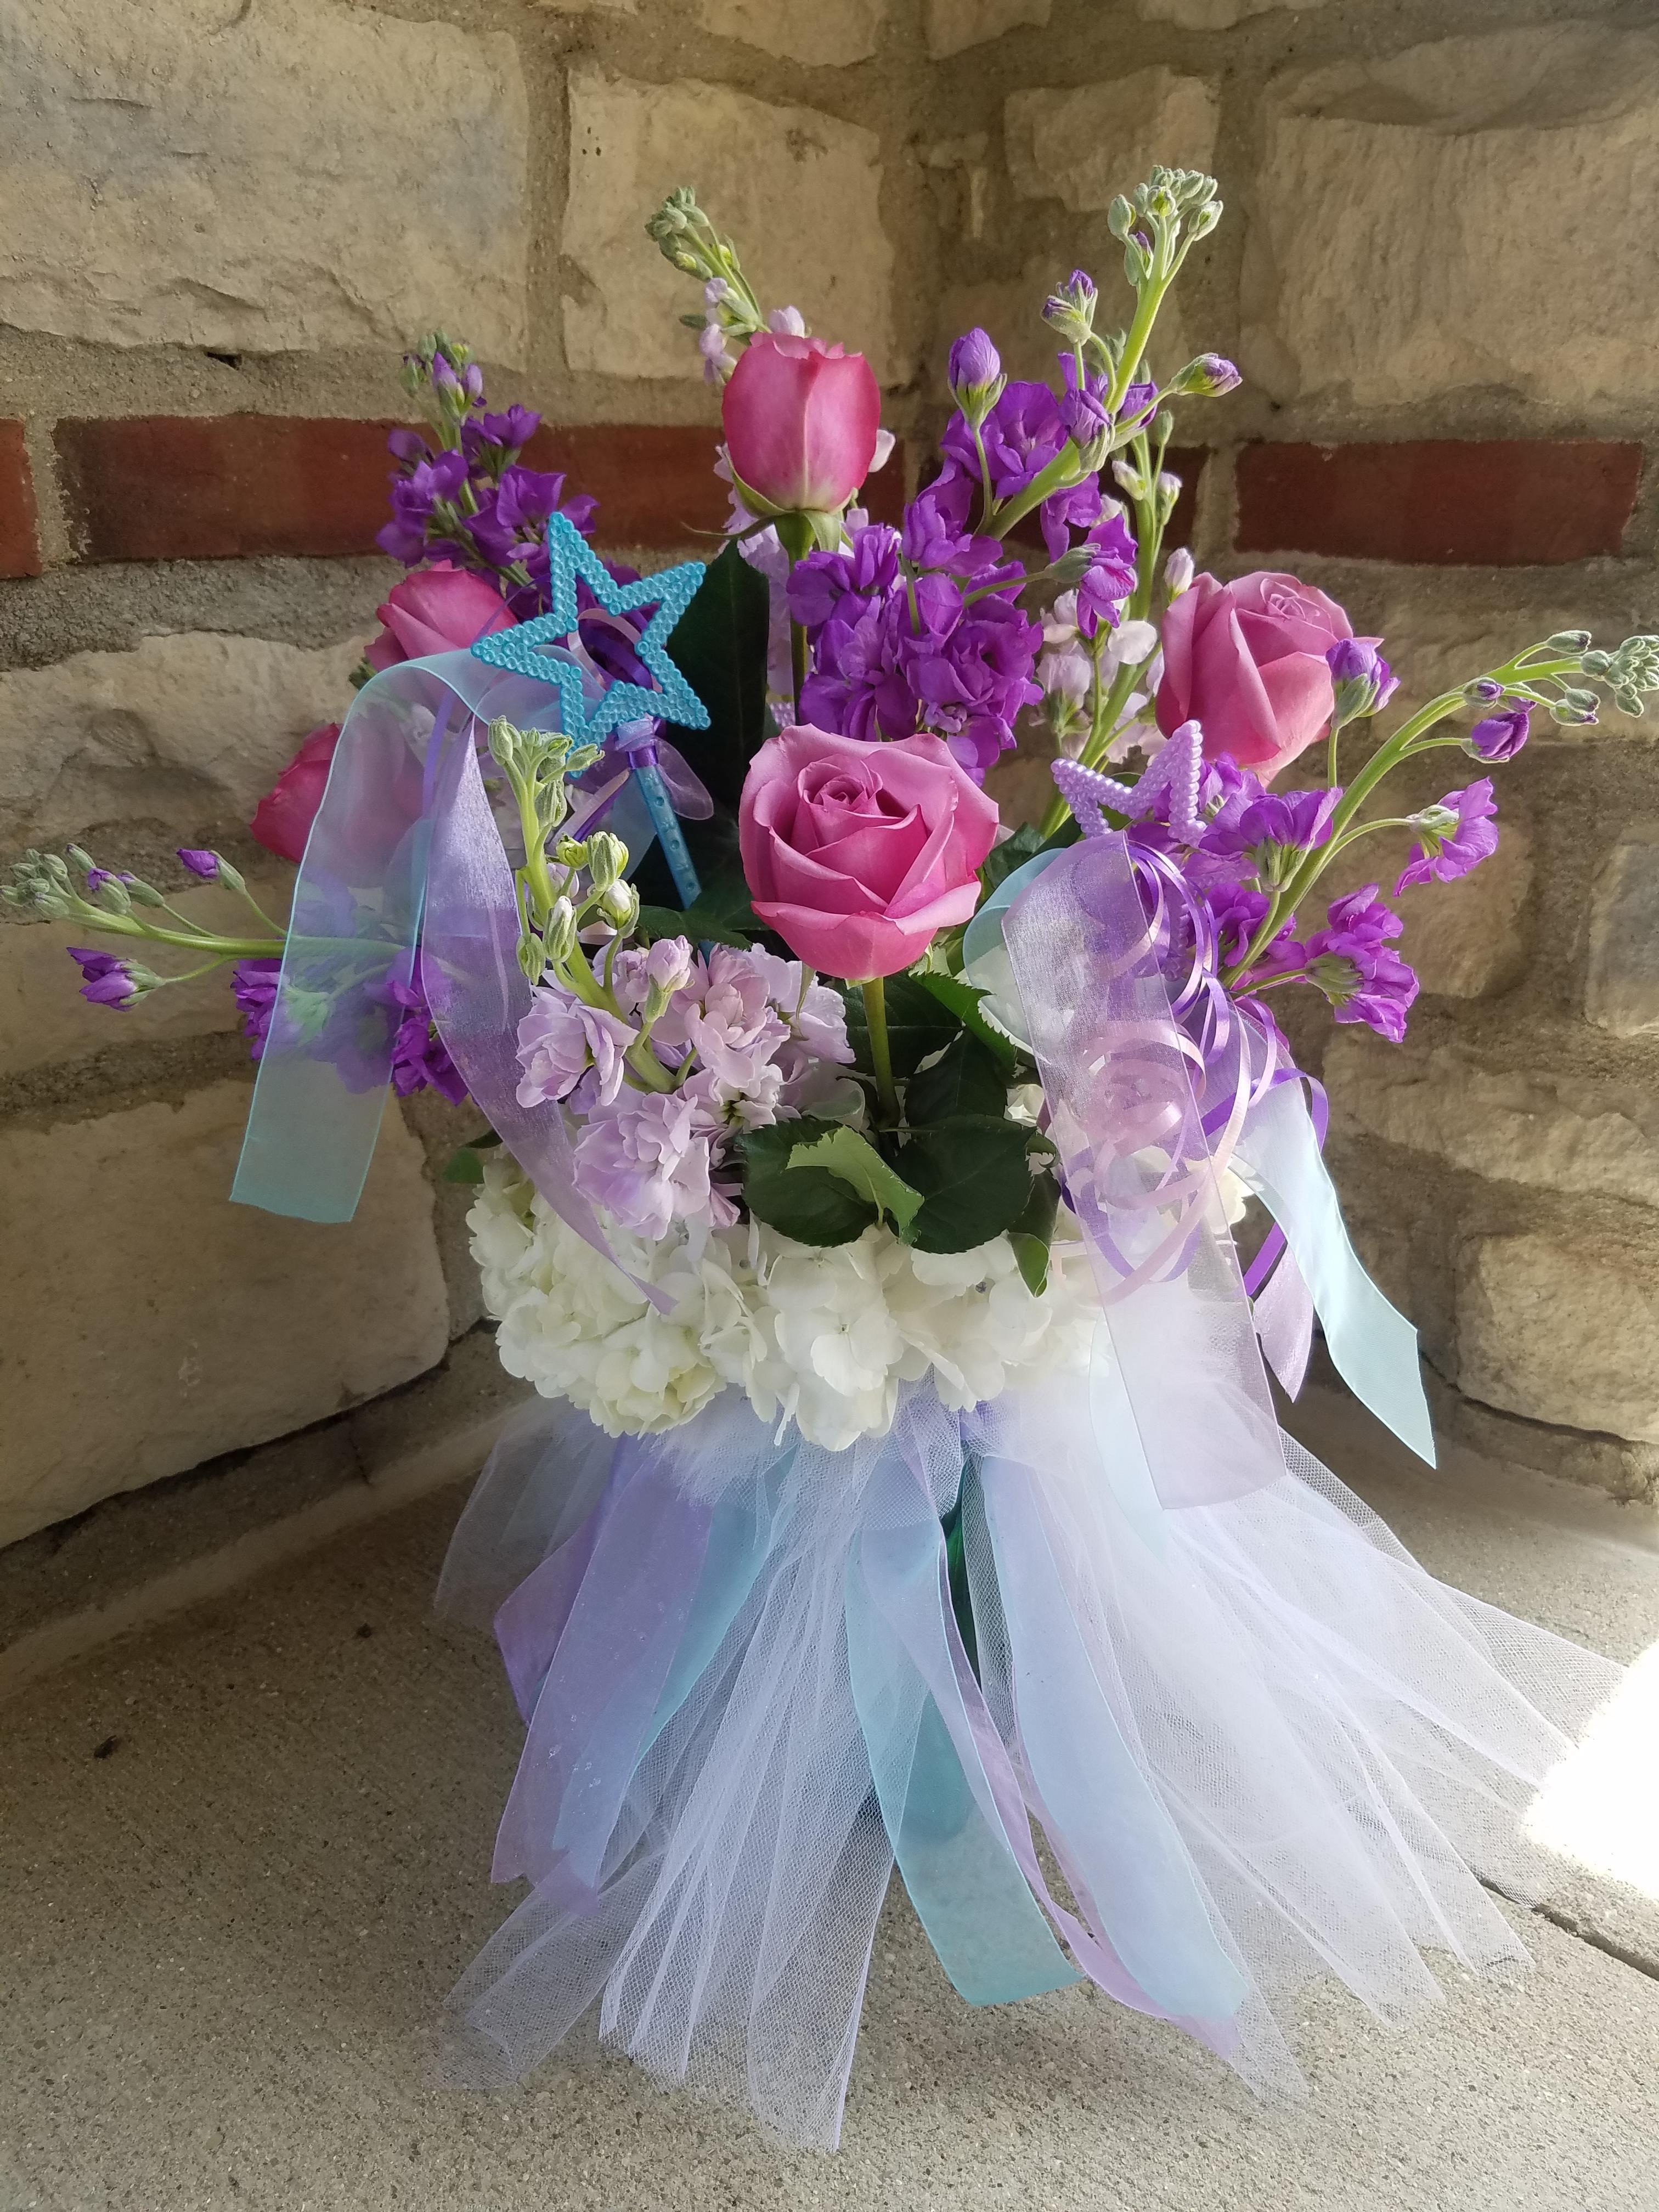 Ballerina tutu arrangement fresh flower delivery flower